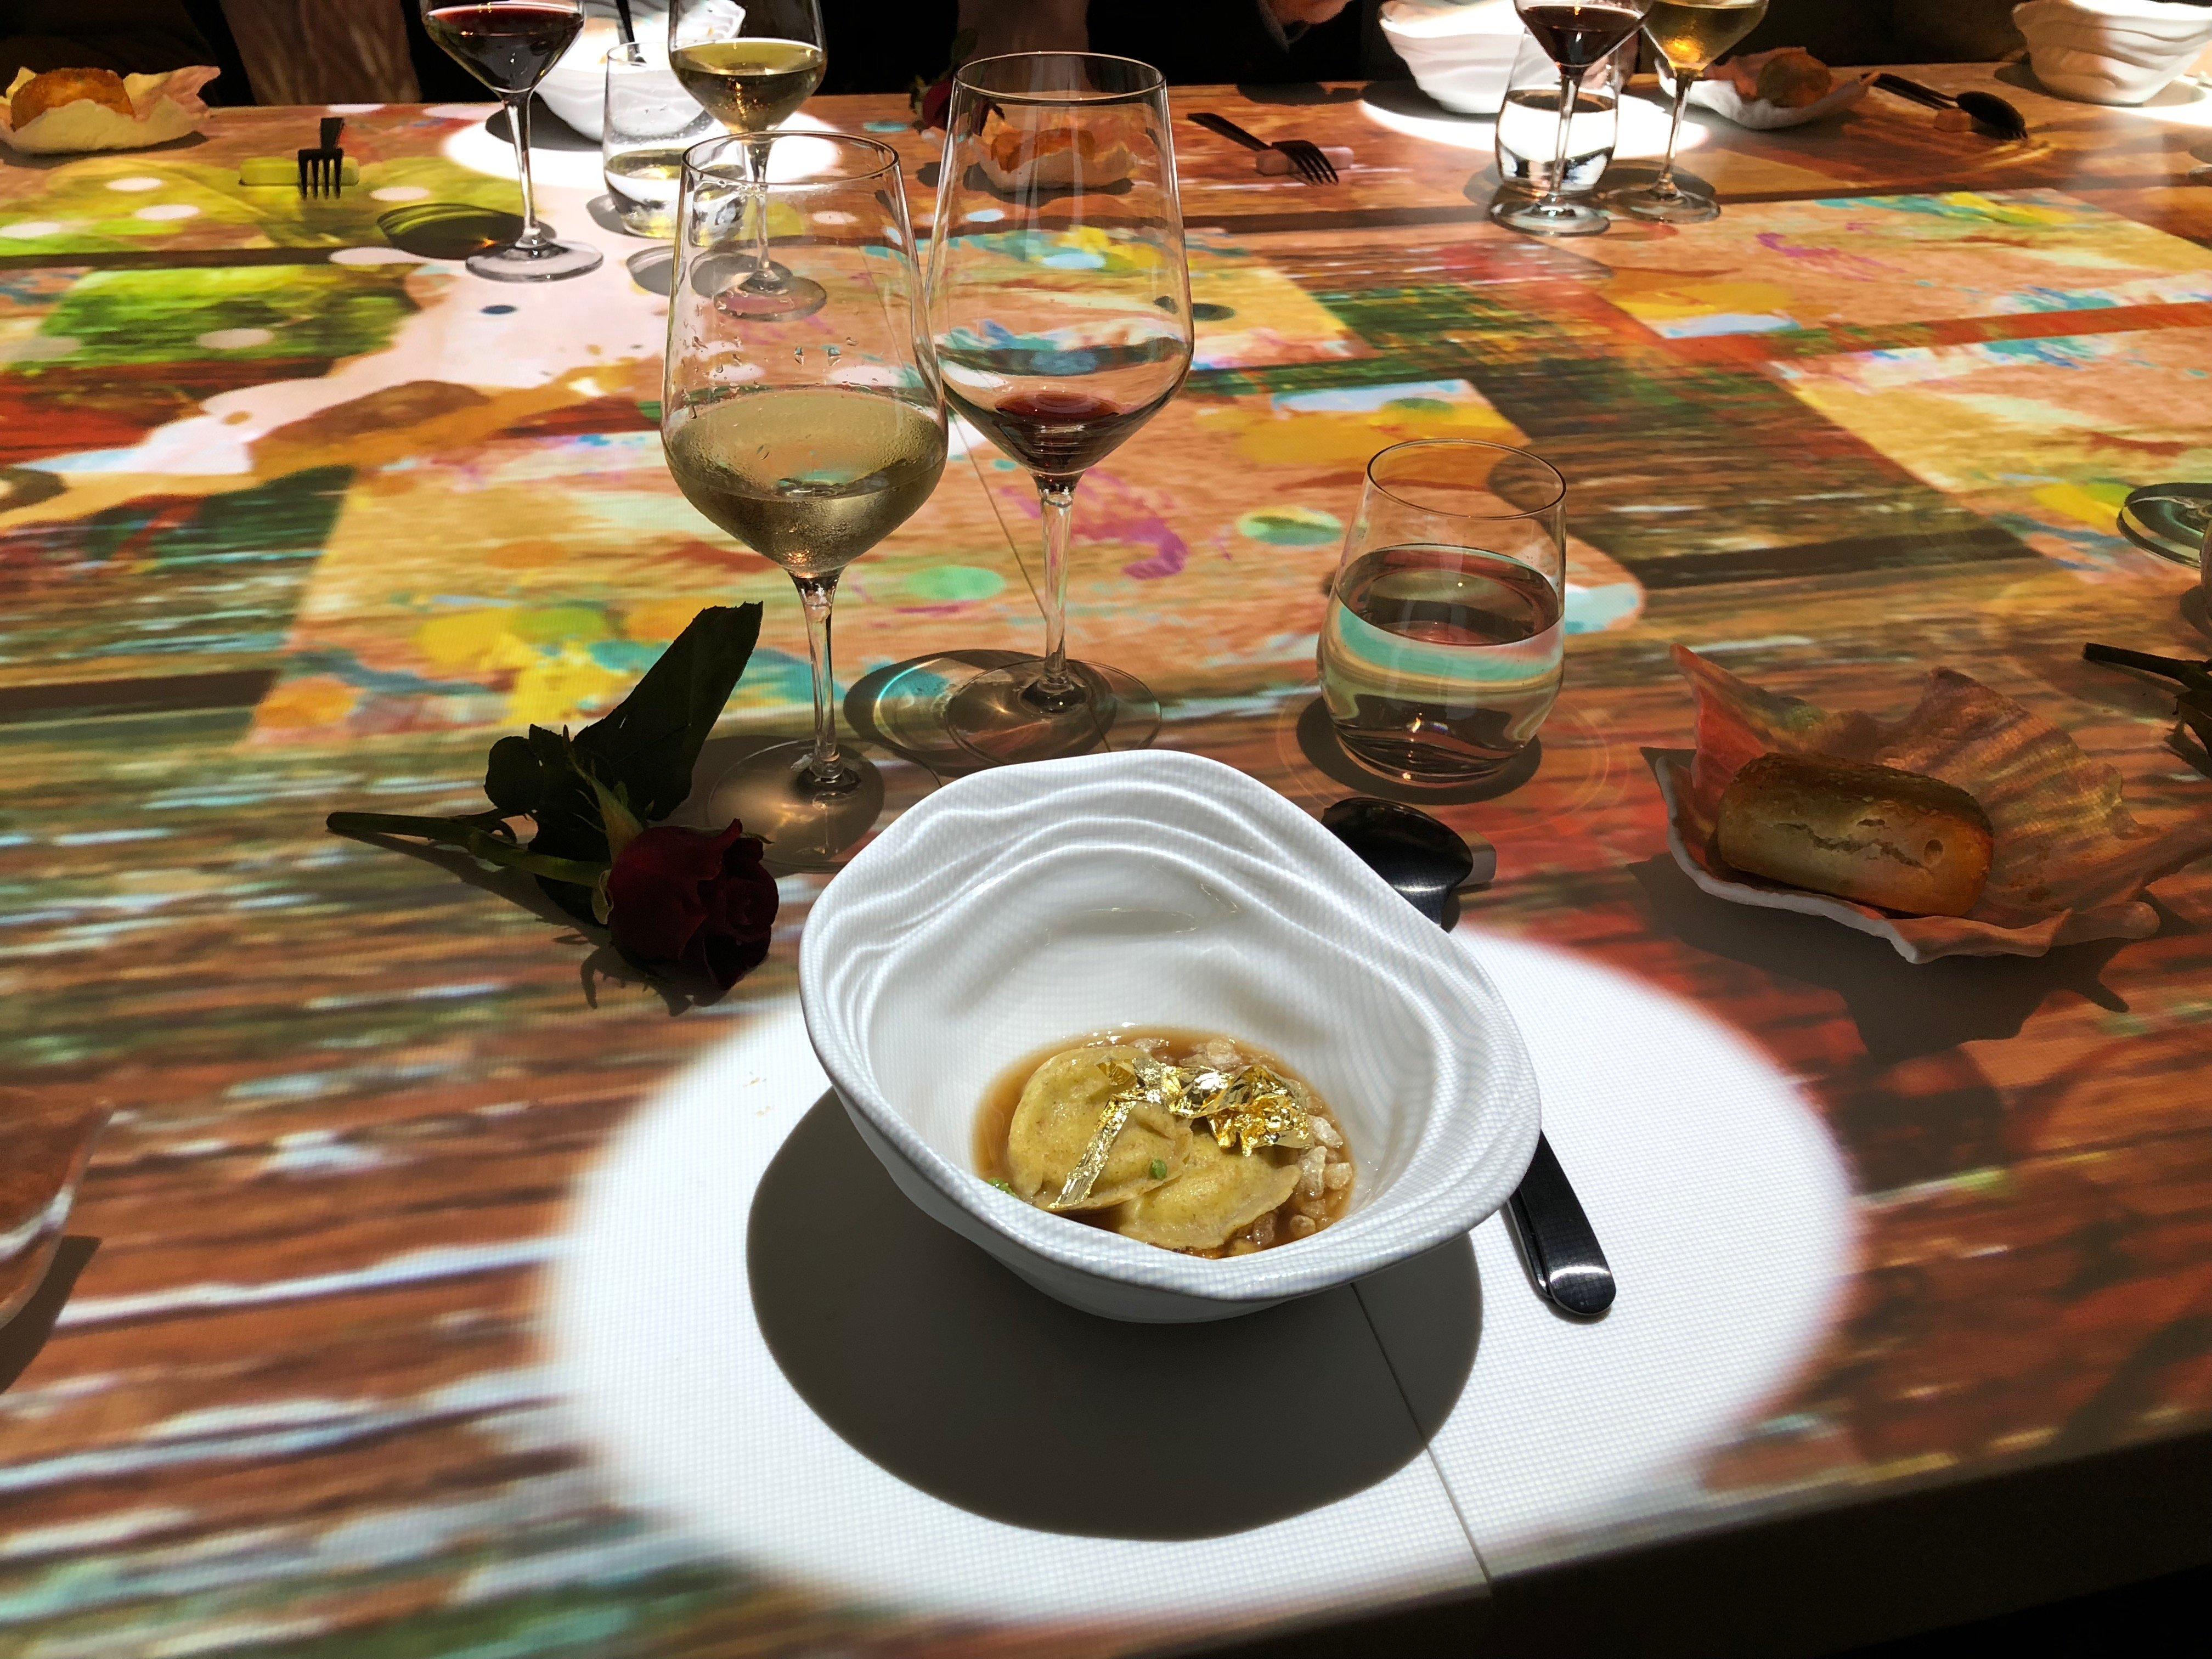 uno dei piatti di Massimo Viglietti... tra pittura e gastronomia...